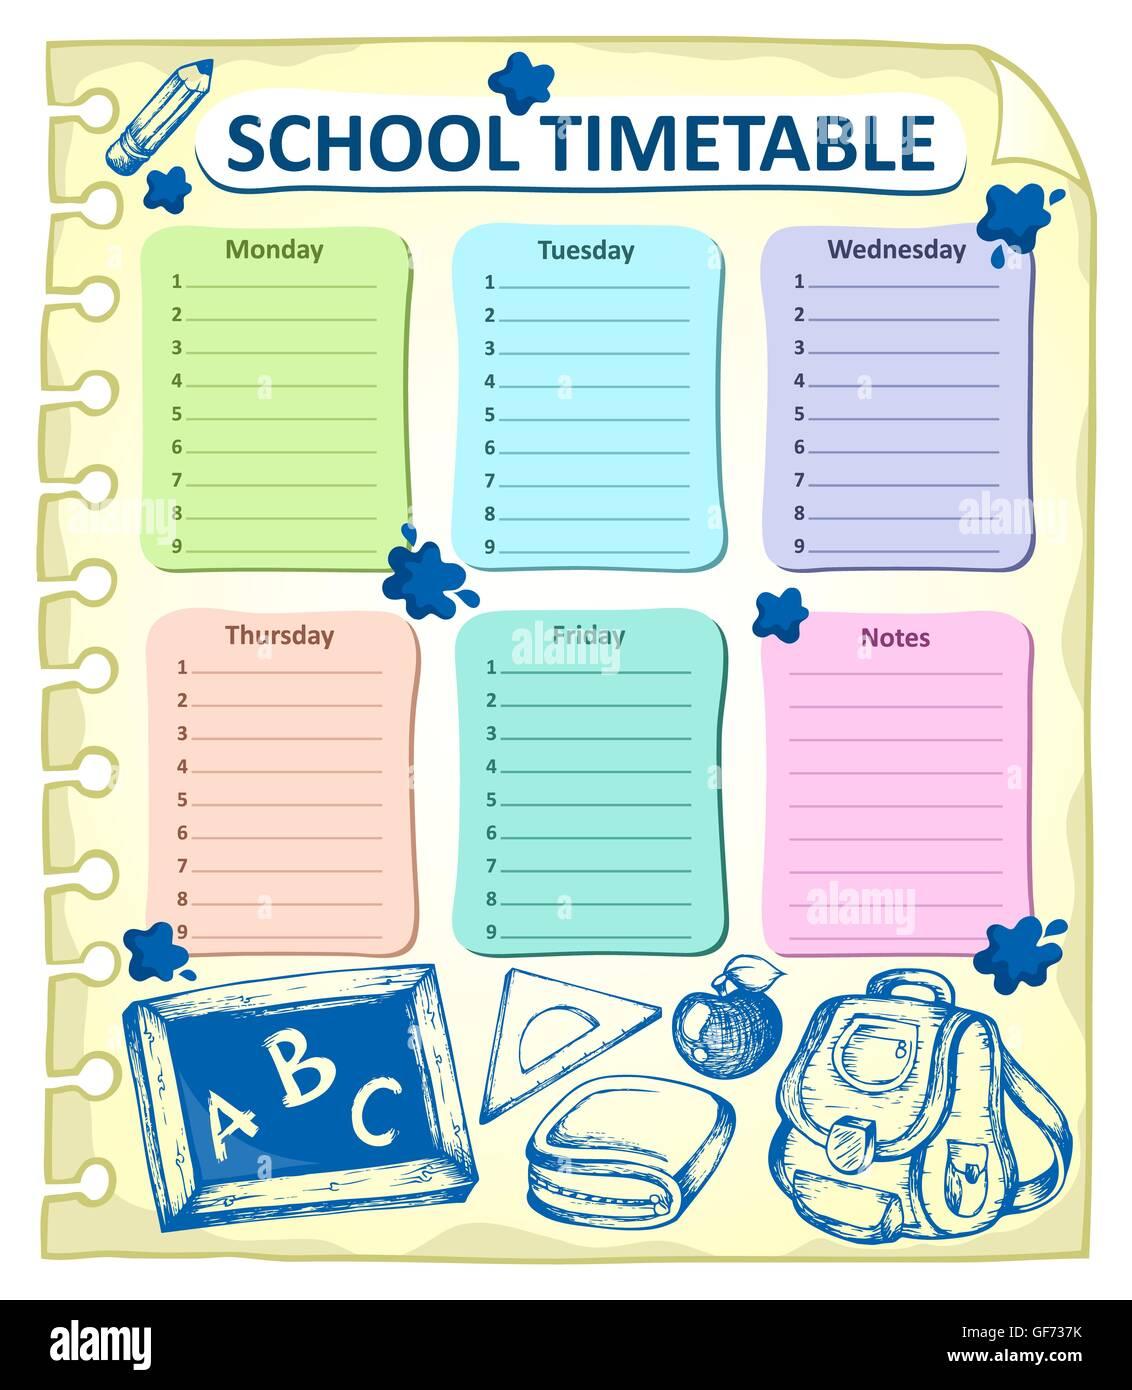 Calendario Academico Us.Calendario Escolar Semanal Tema 4 Ilustracion Ilustracion Foto